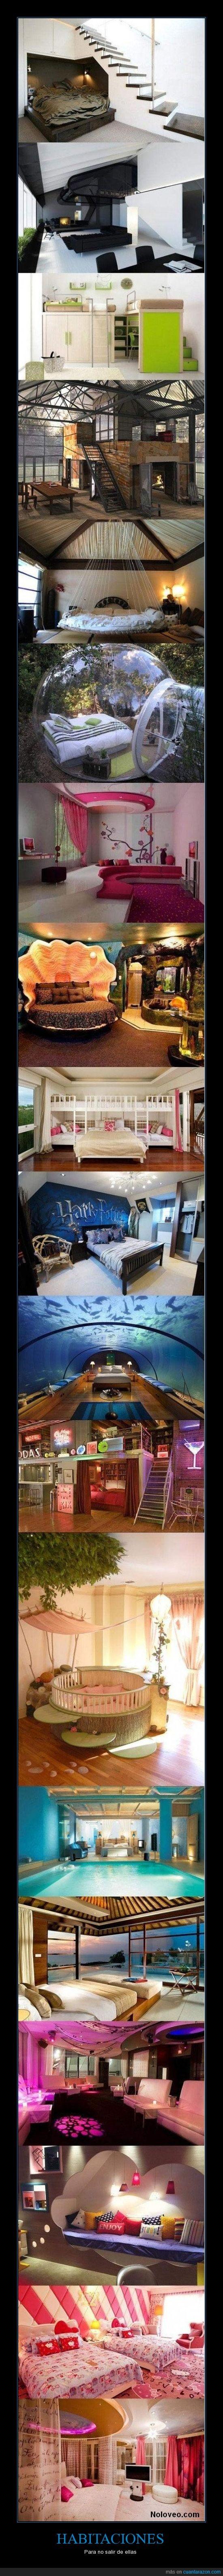 agua,cama,diseñadas,friki,habitaciones,harry potter,rosa